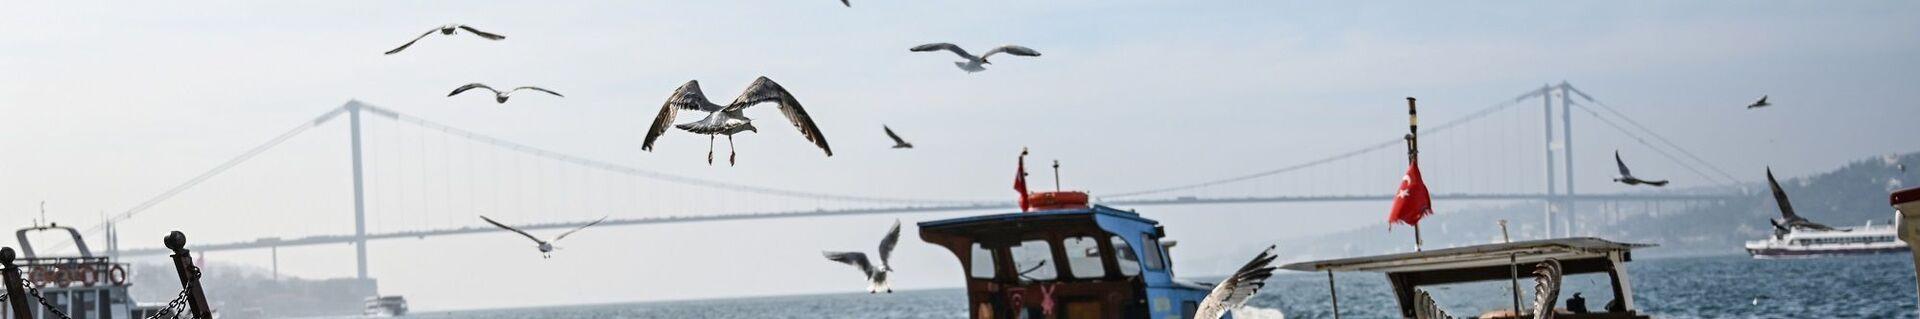 İstanbul - Boğaz - Martı - tekne - köprü - Sputnik Türkiye, 1920